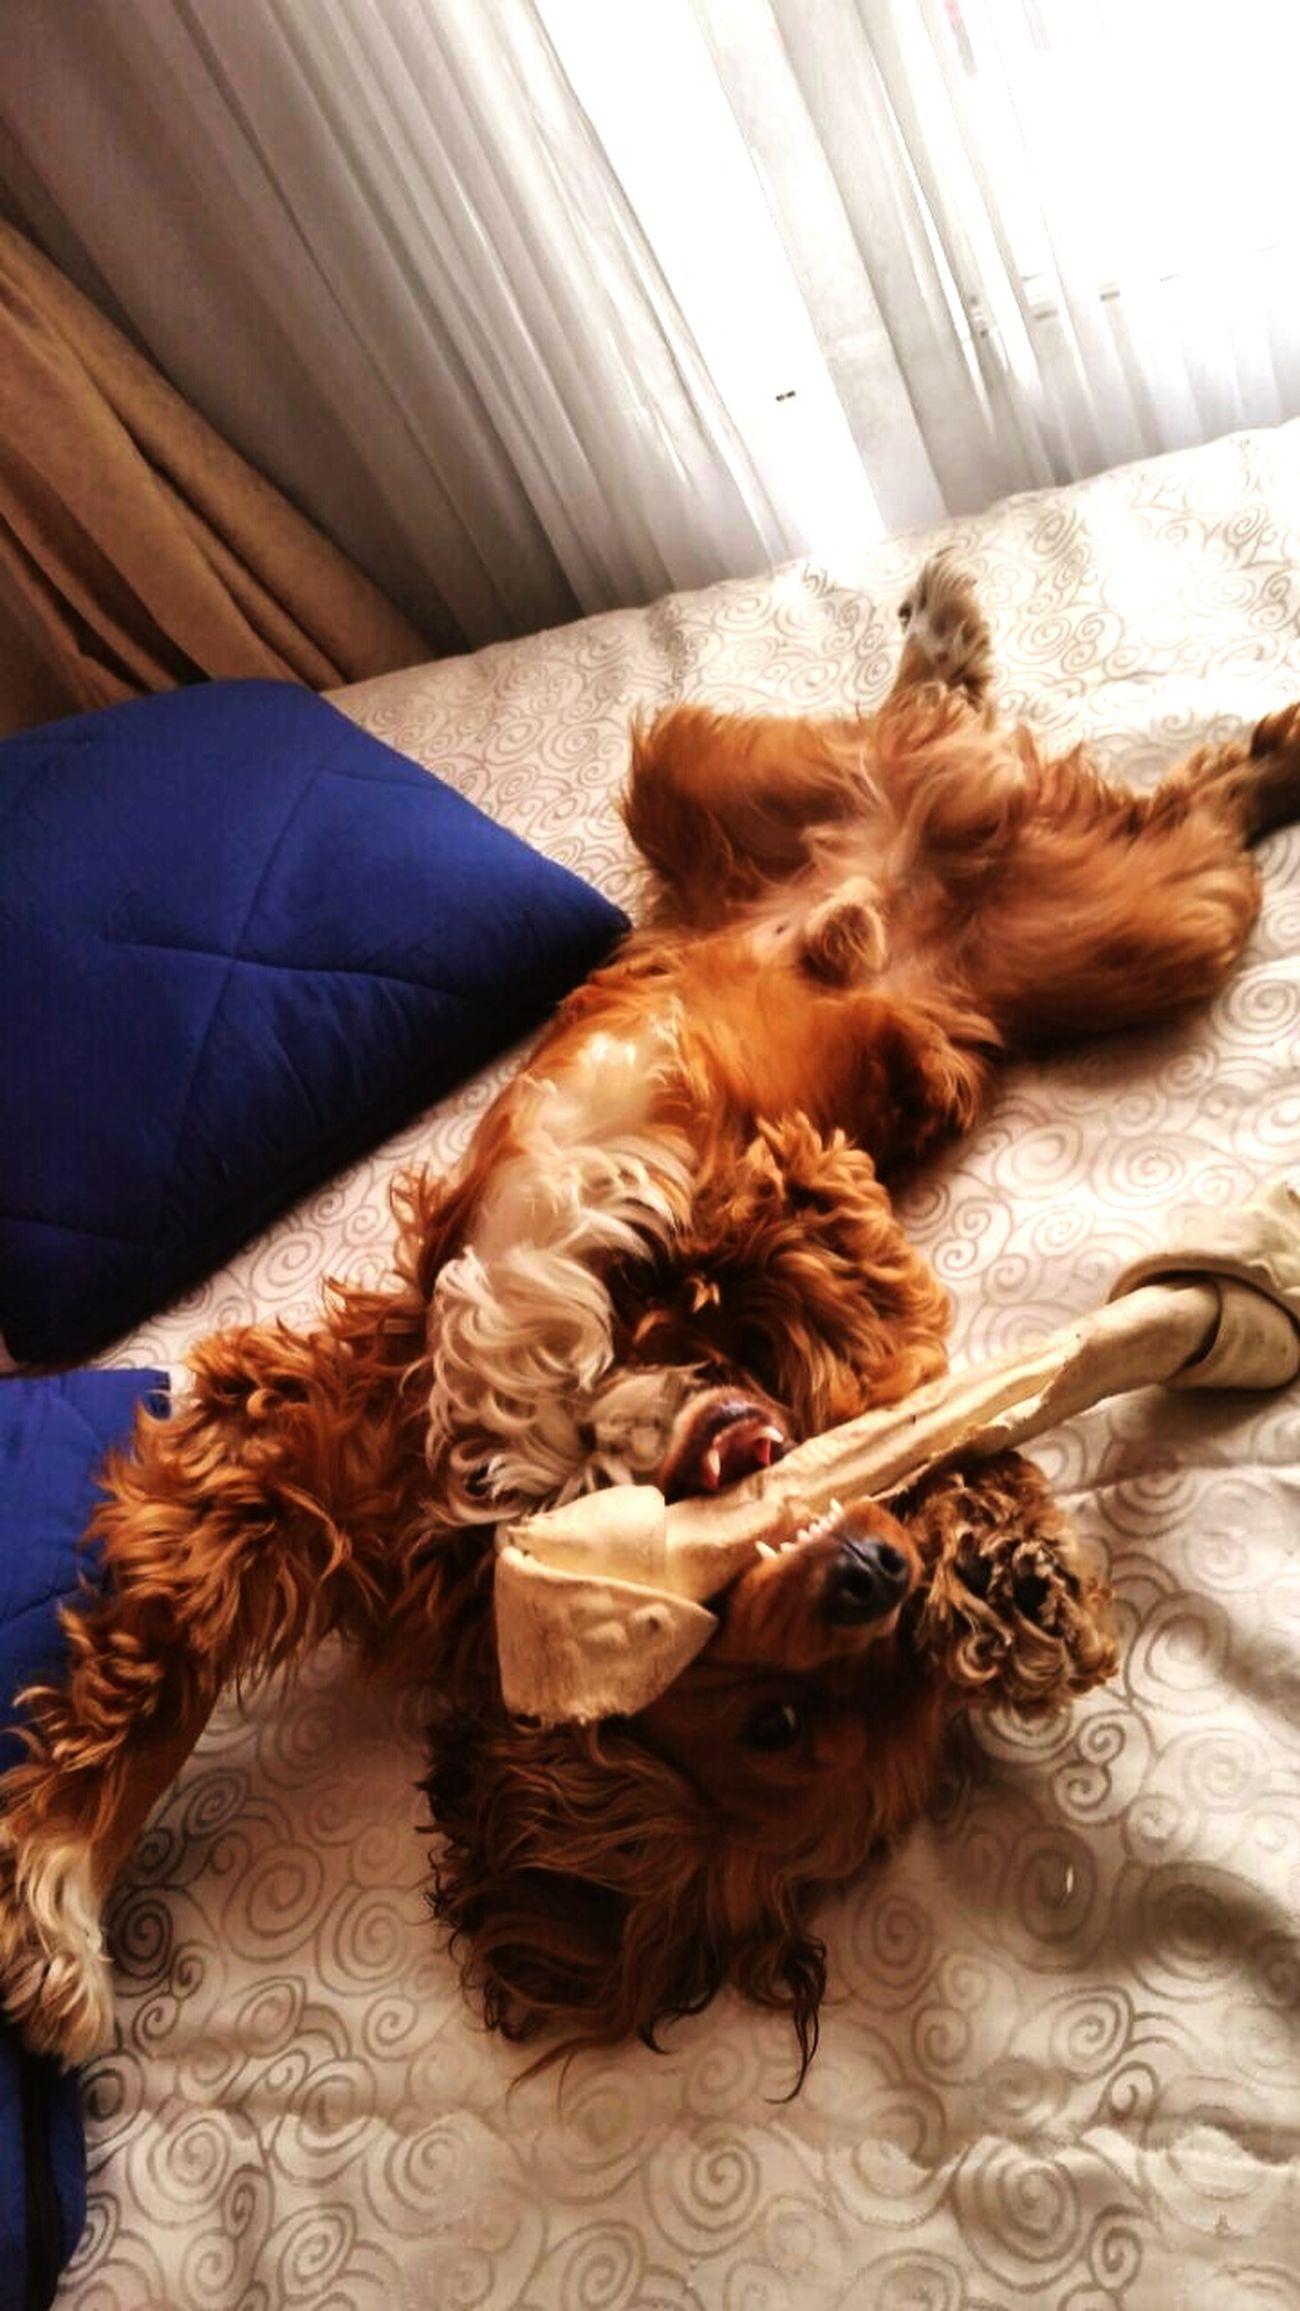 Dog Dog❤ Mascotas 🐶 Lo Mejor De Mi Vida Lo Es El<3 Tobby con su nuevo Juguete